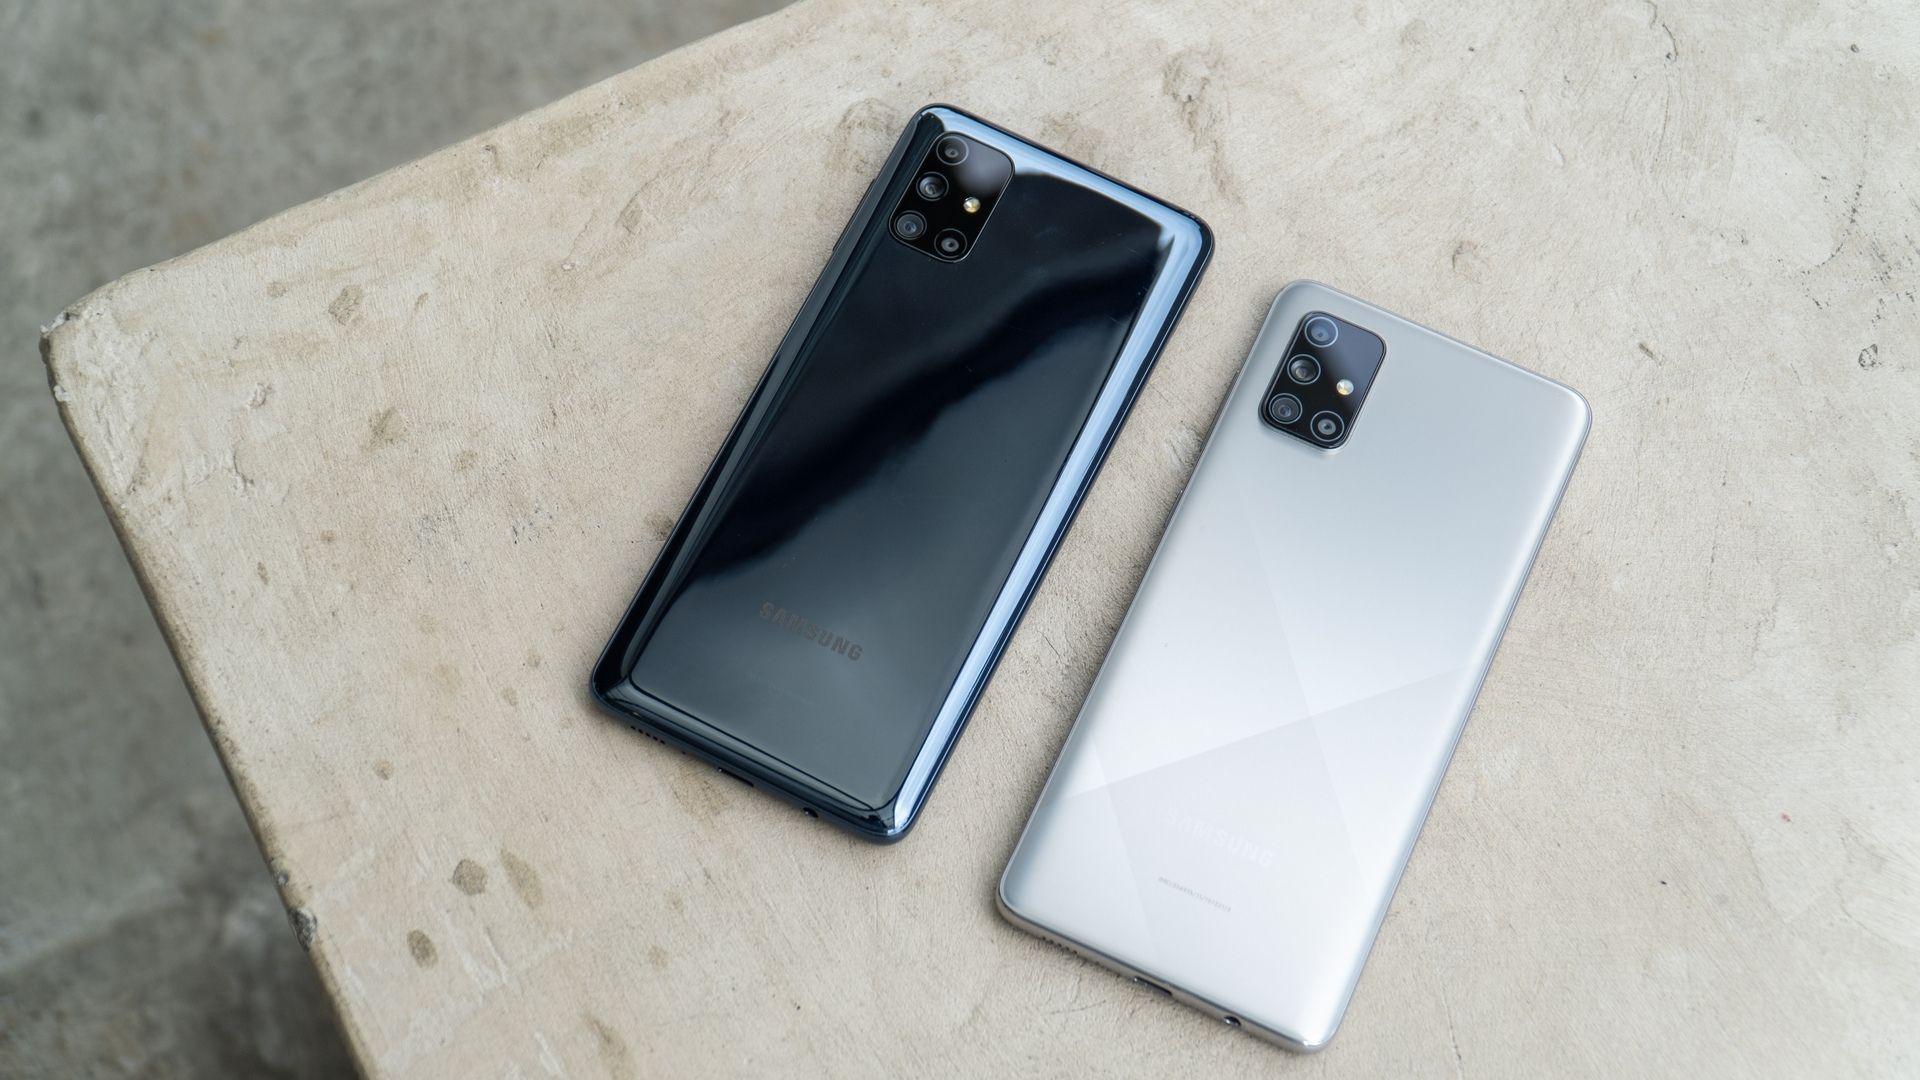 O Galaxy M51 é o melhor celular Samsung até 3000 reais. Shutterstock.